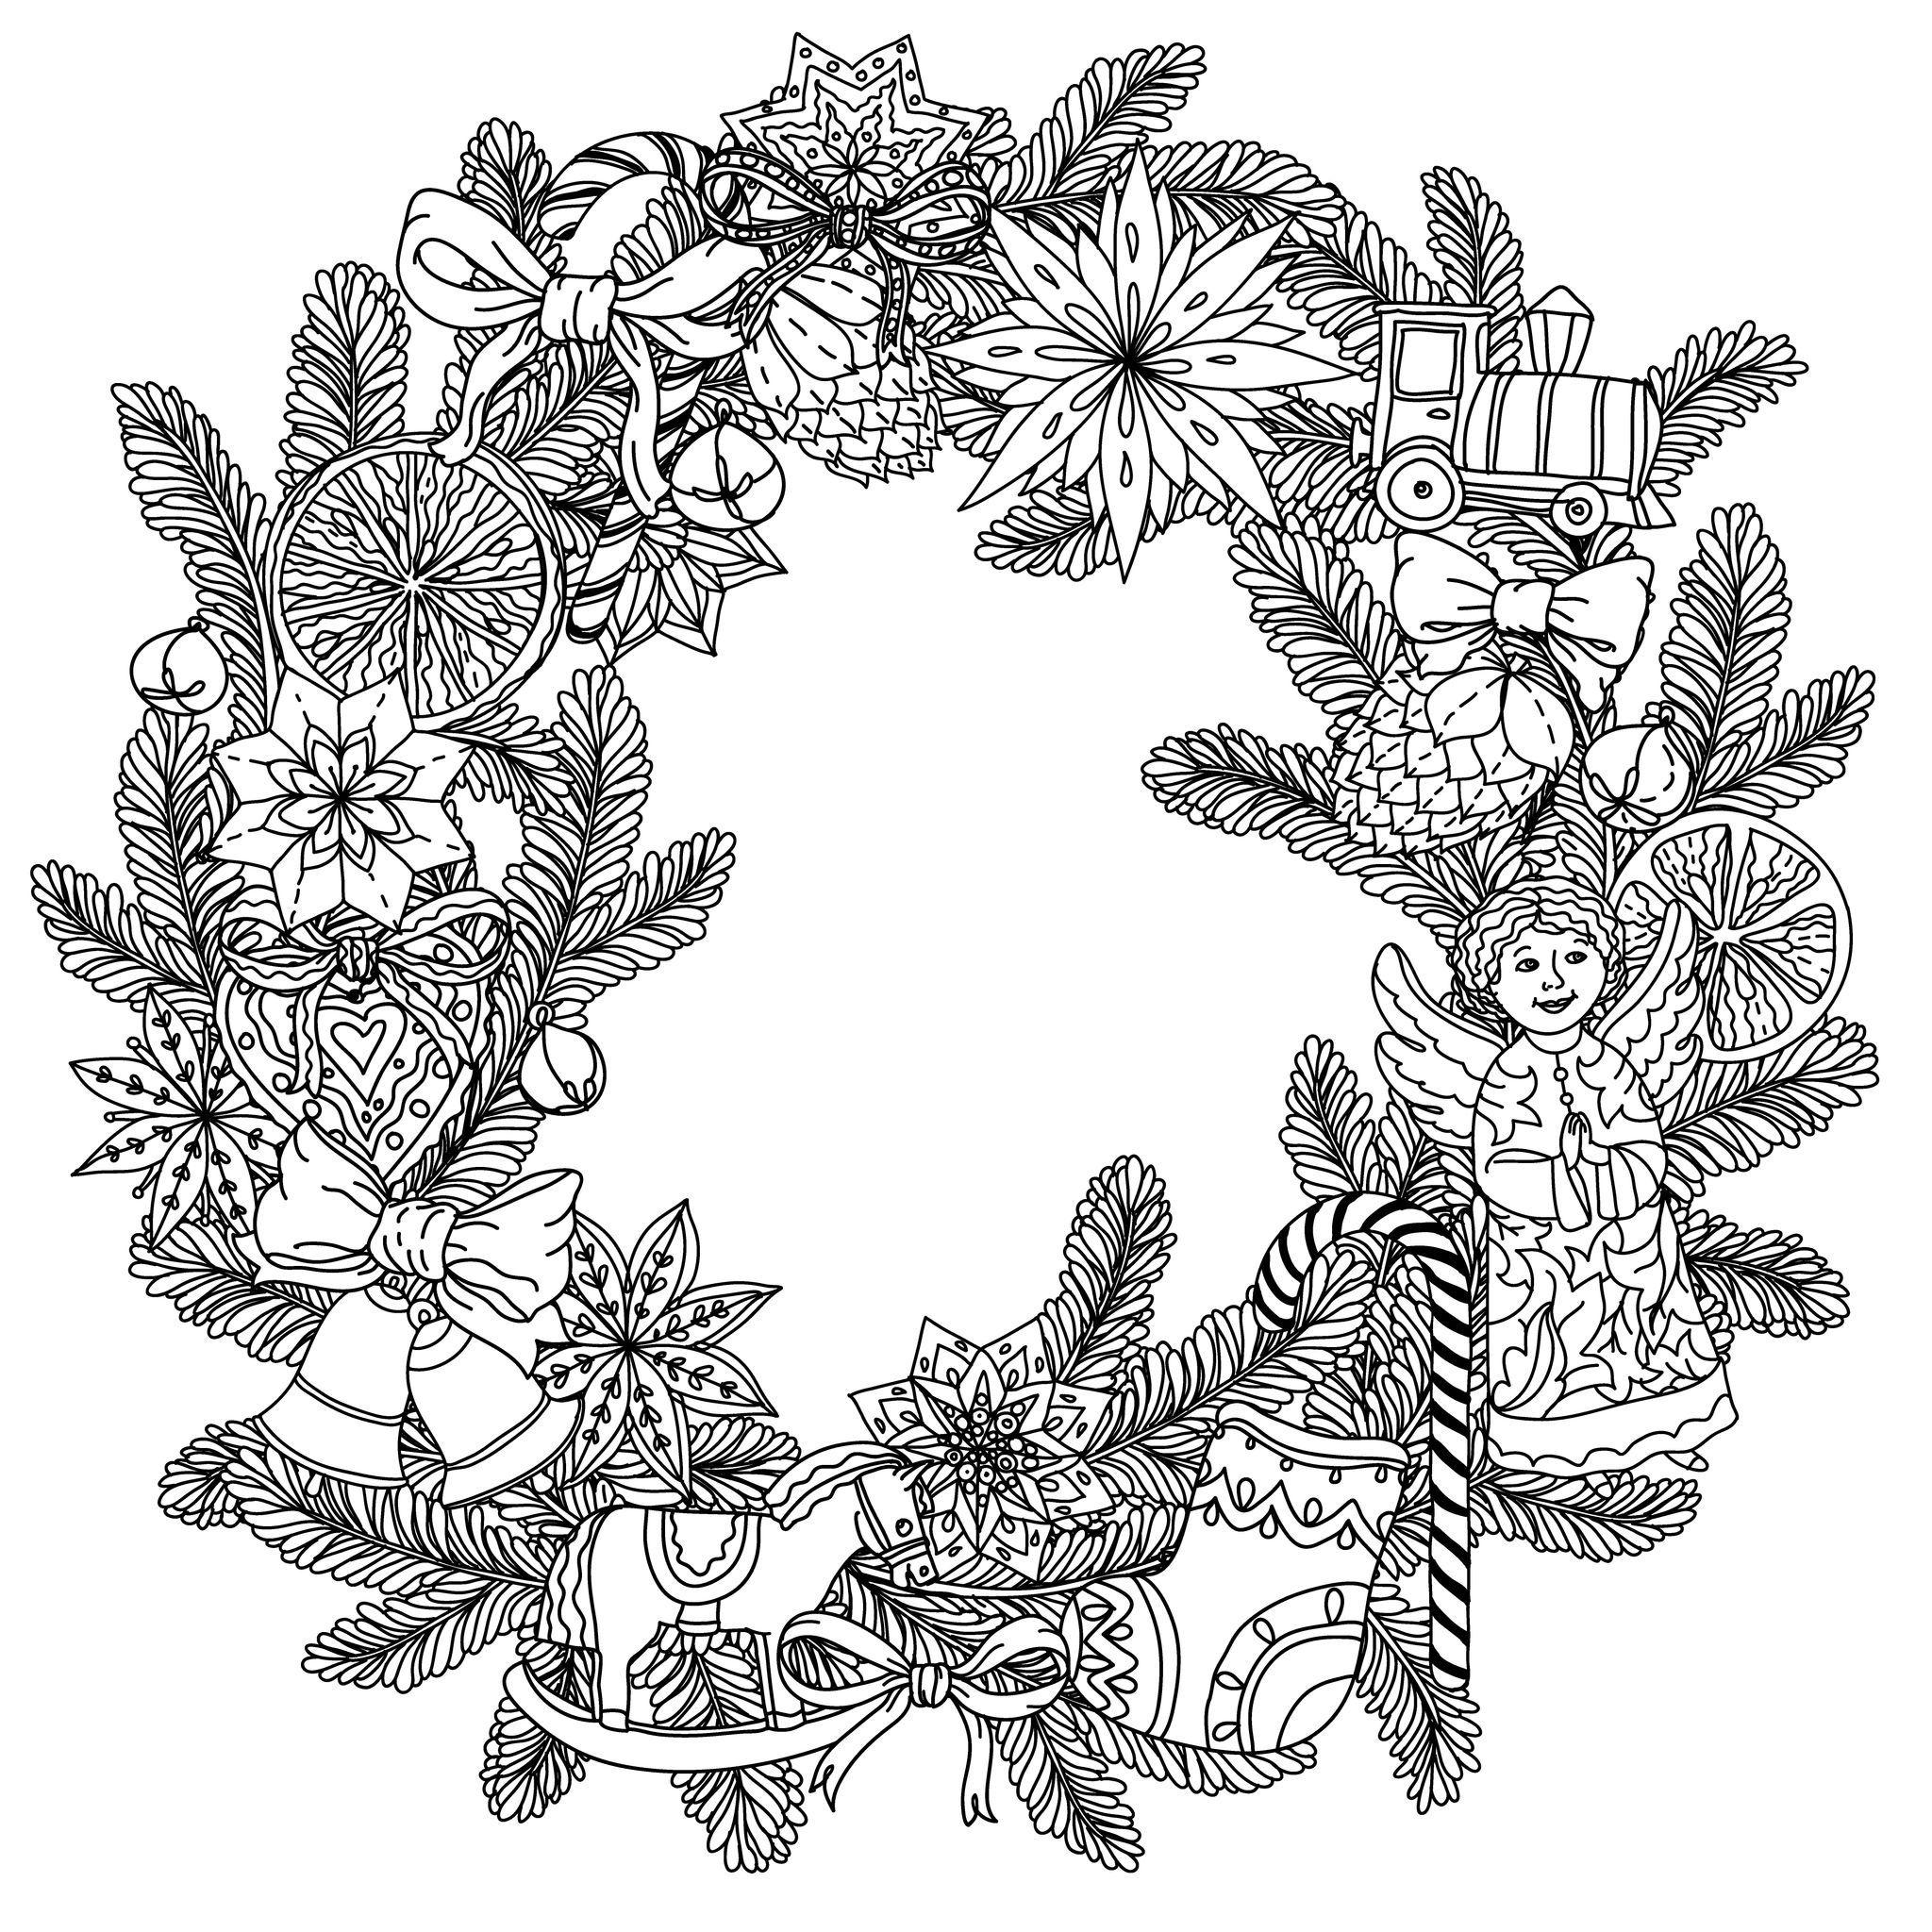 11 Luxe De Couronne De Noel Dessin Photos Mandala Noel Couronne De Noel Dessin Pages De Coloriage Chretien